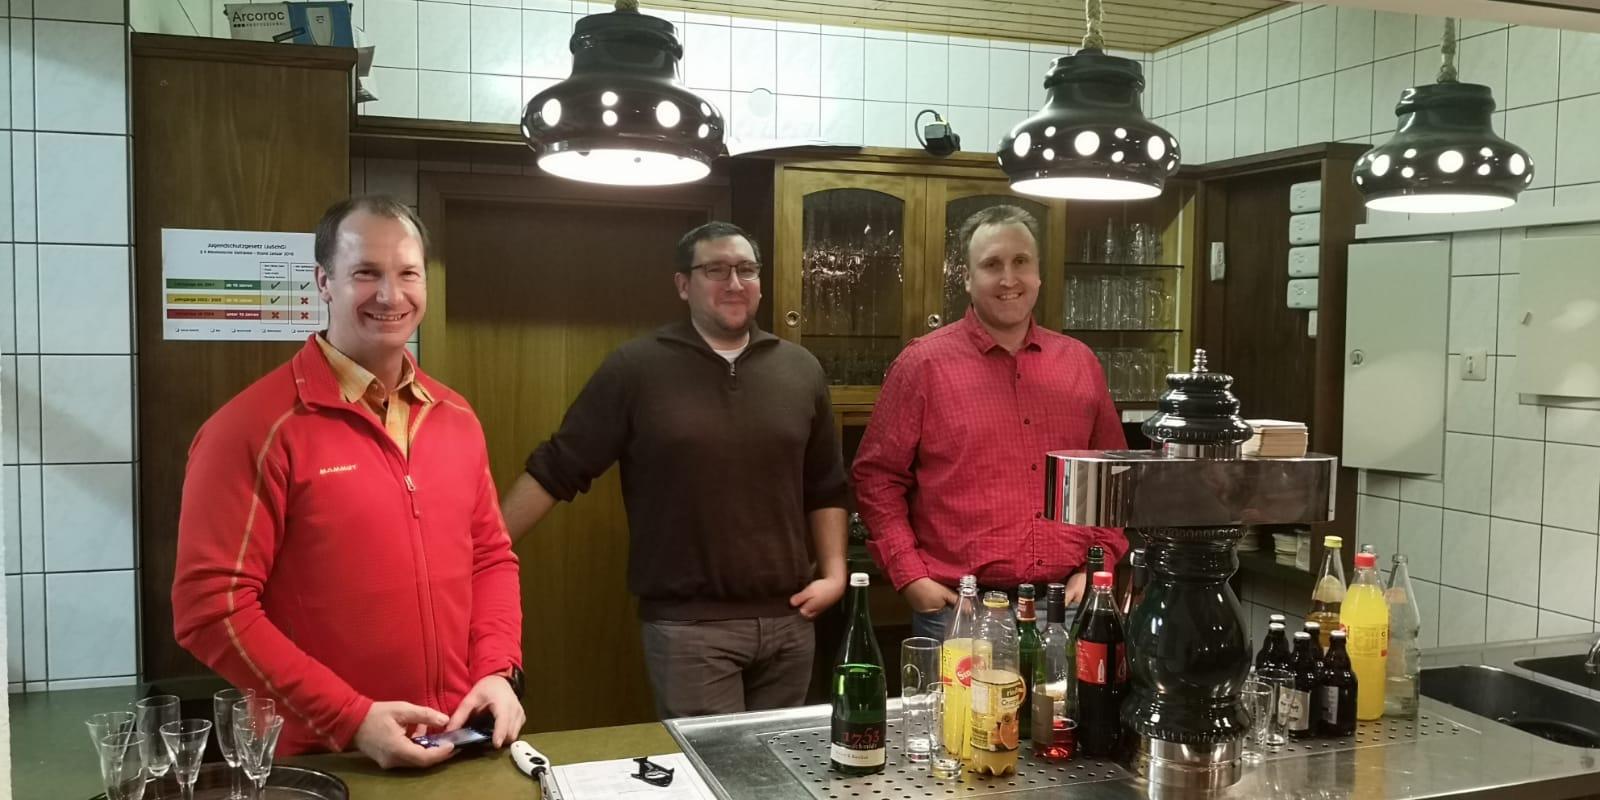 Die Mannschaft hinterm Tresen (v.l.): Gerd Schappert, Stefan Horter, Timo Sundheimer.